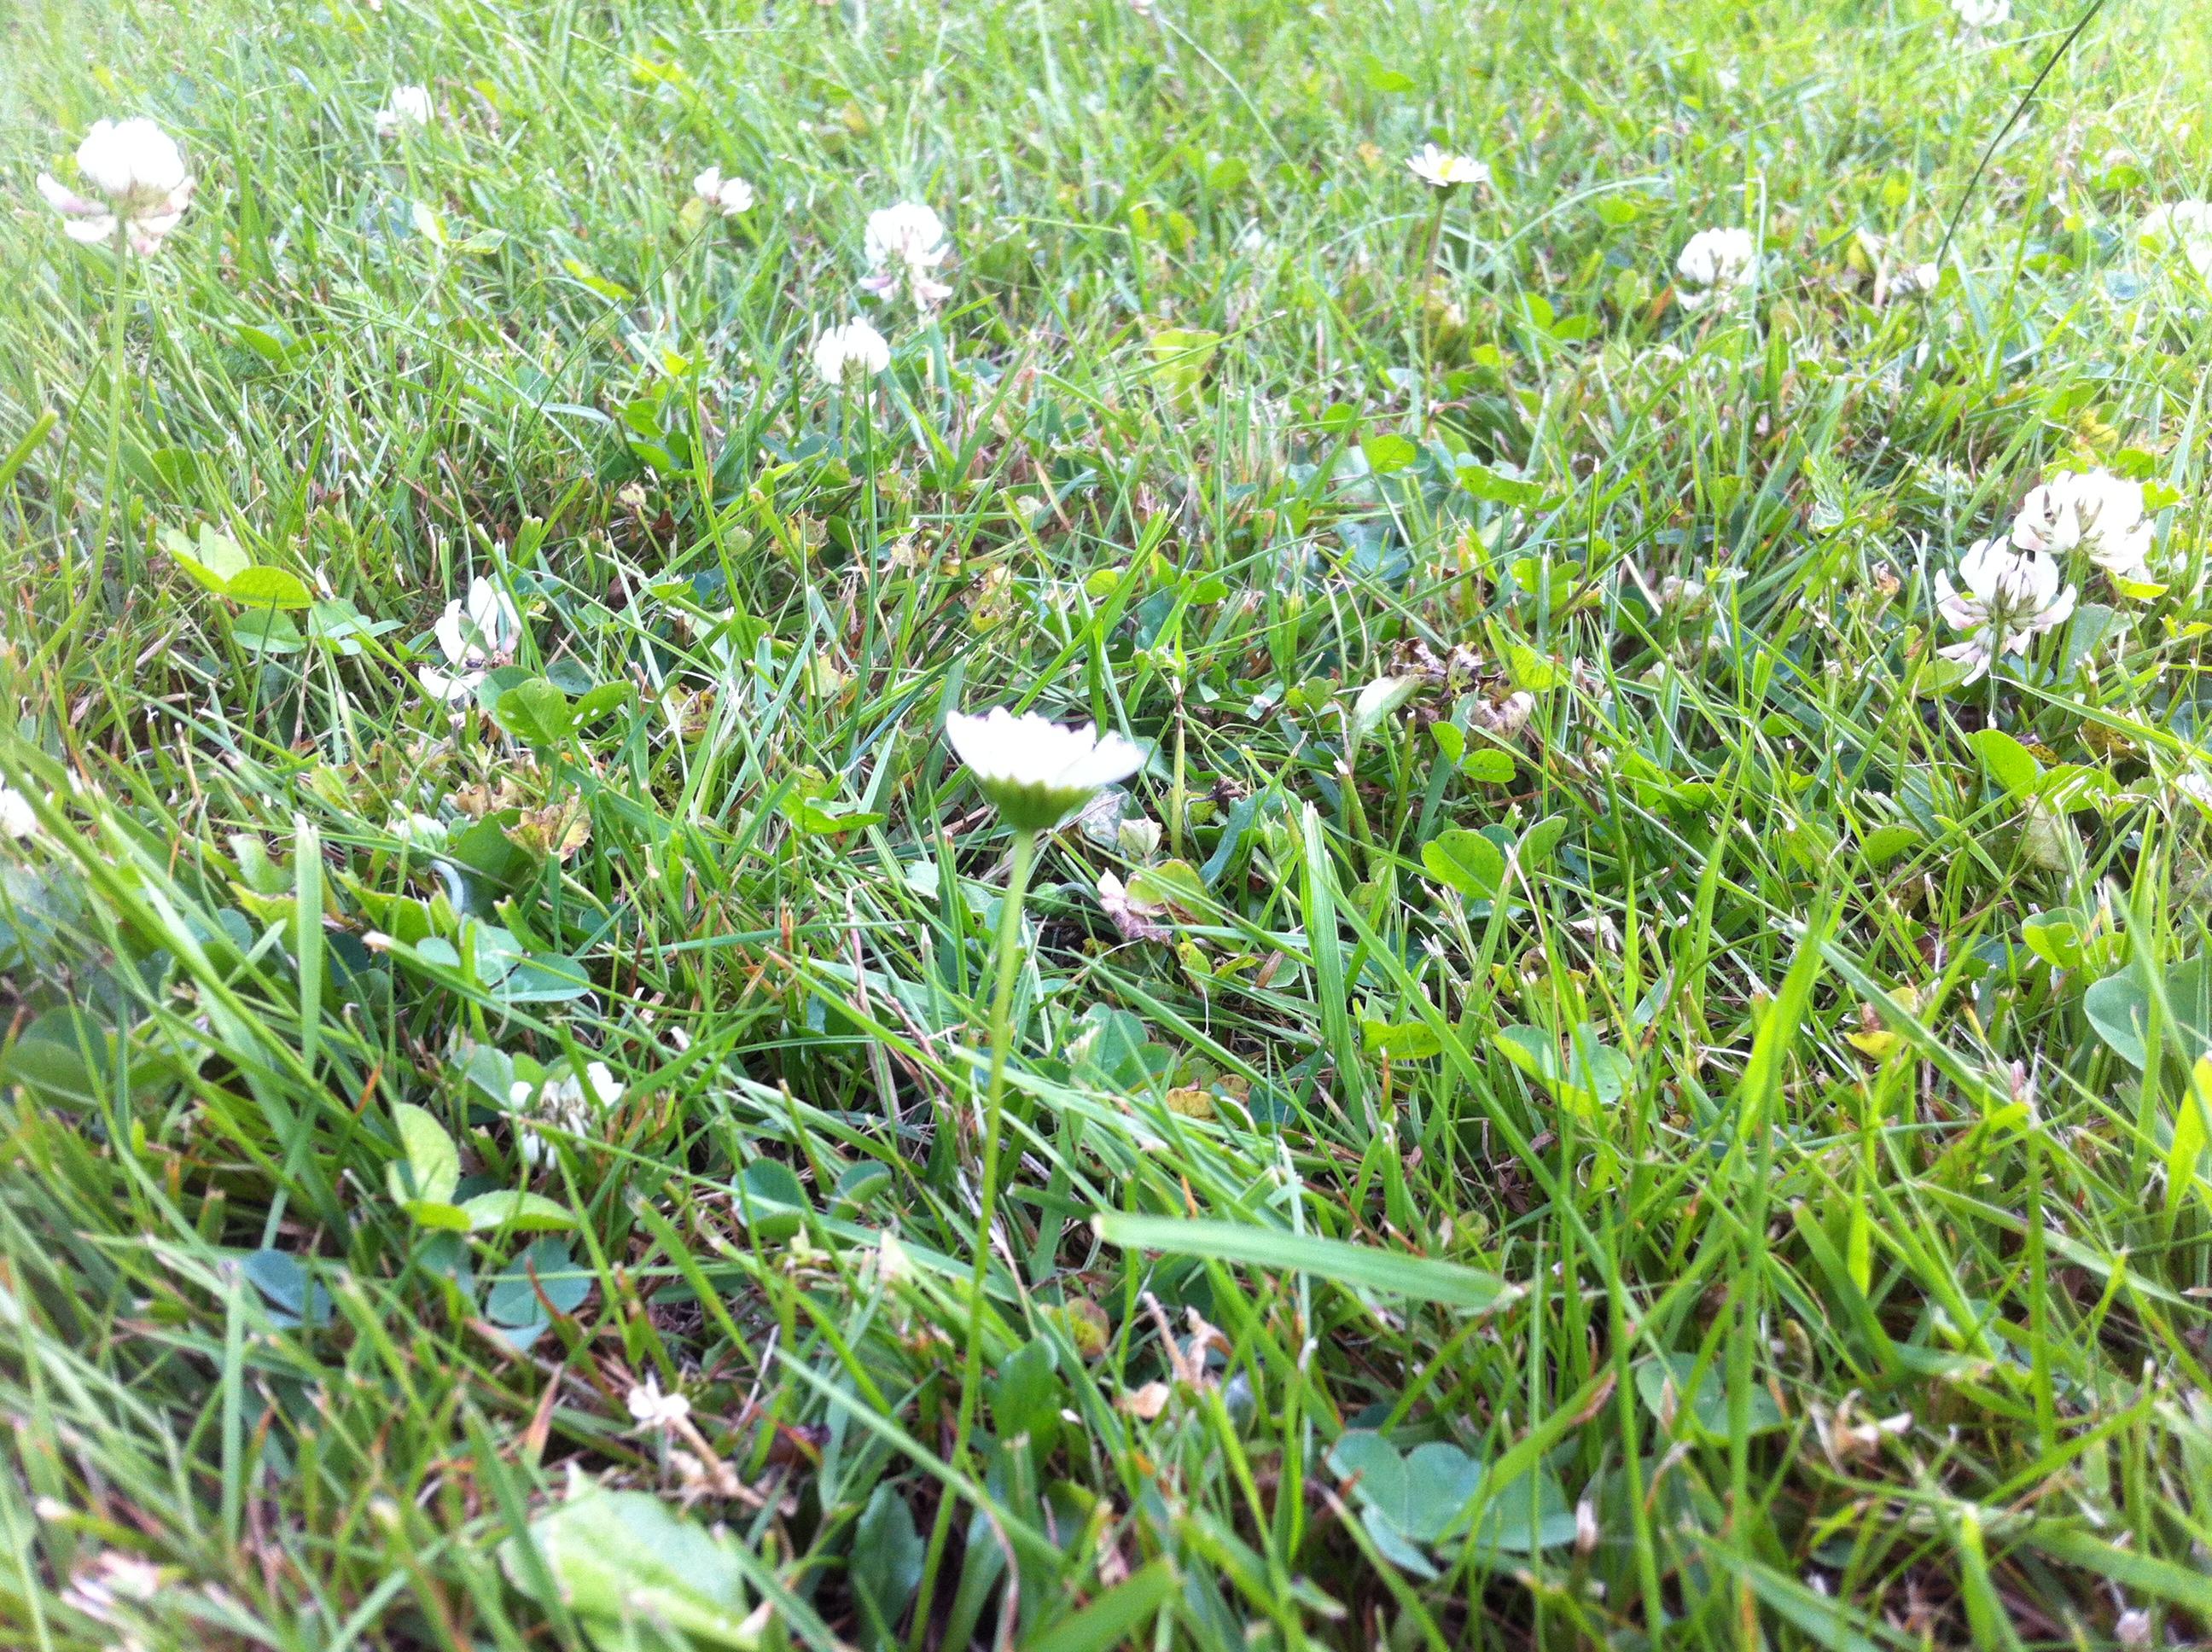 Geliebte Rasen Keimzeit - Wie lange keimt der Rasen? #VF_38